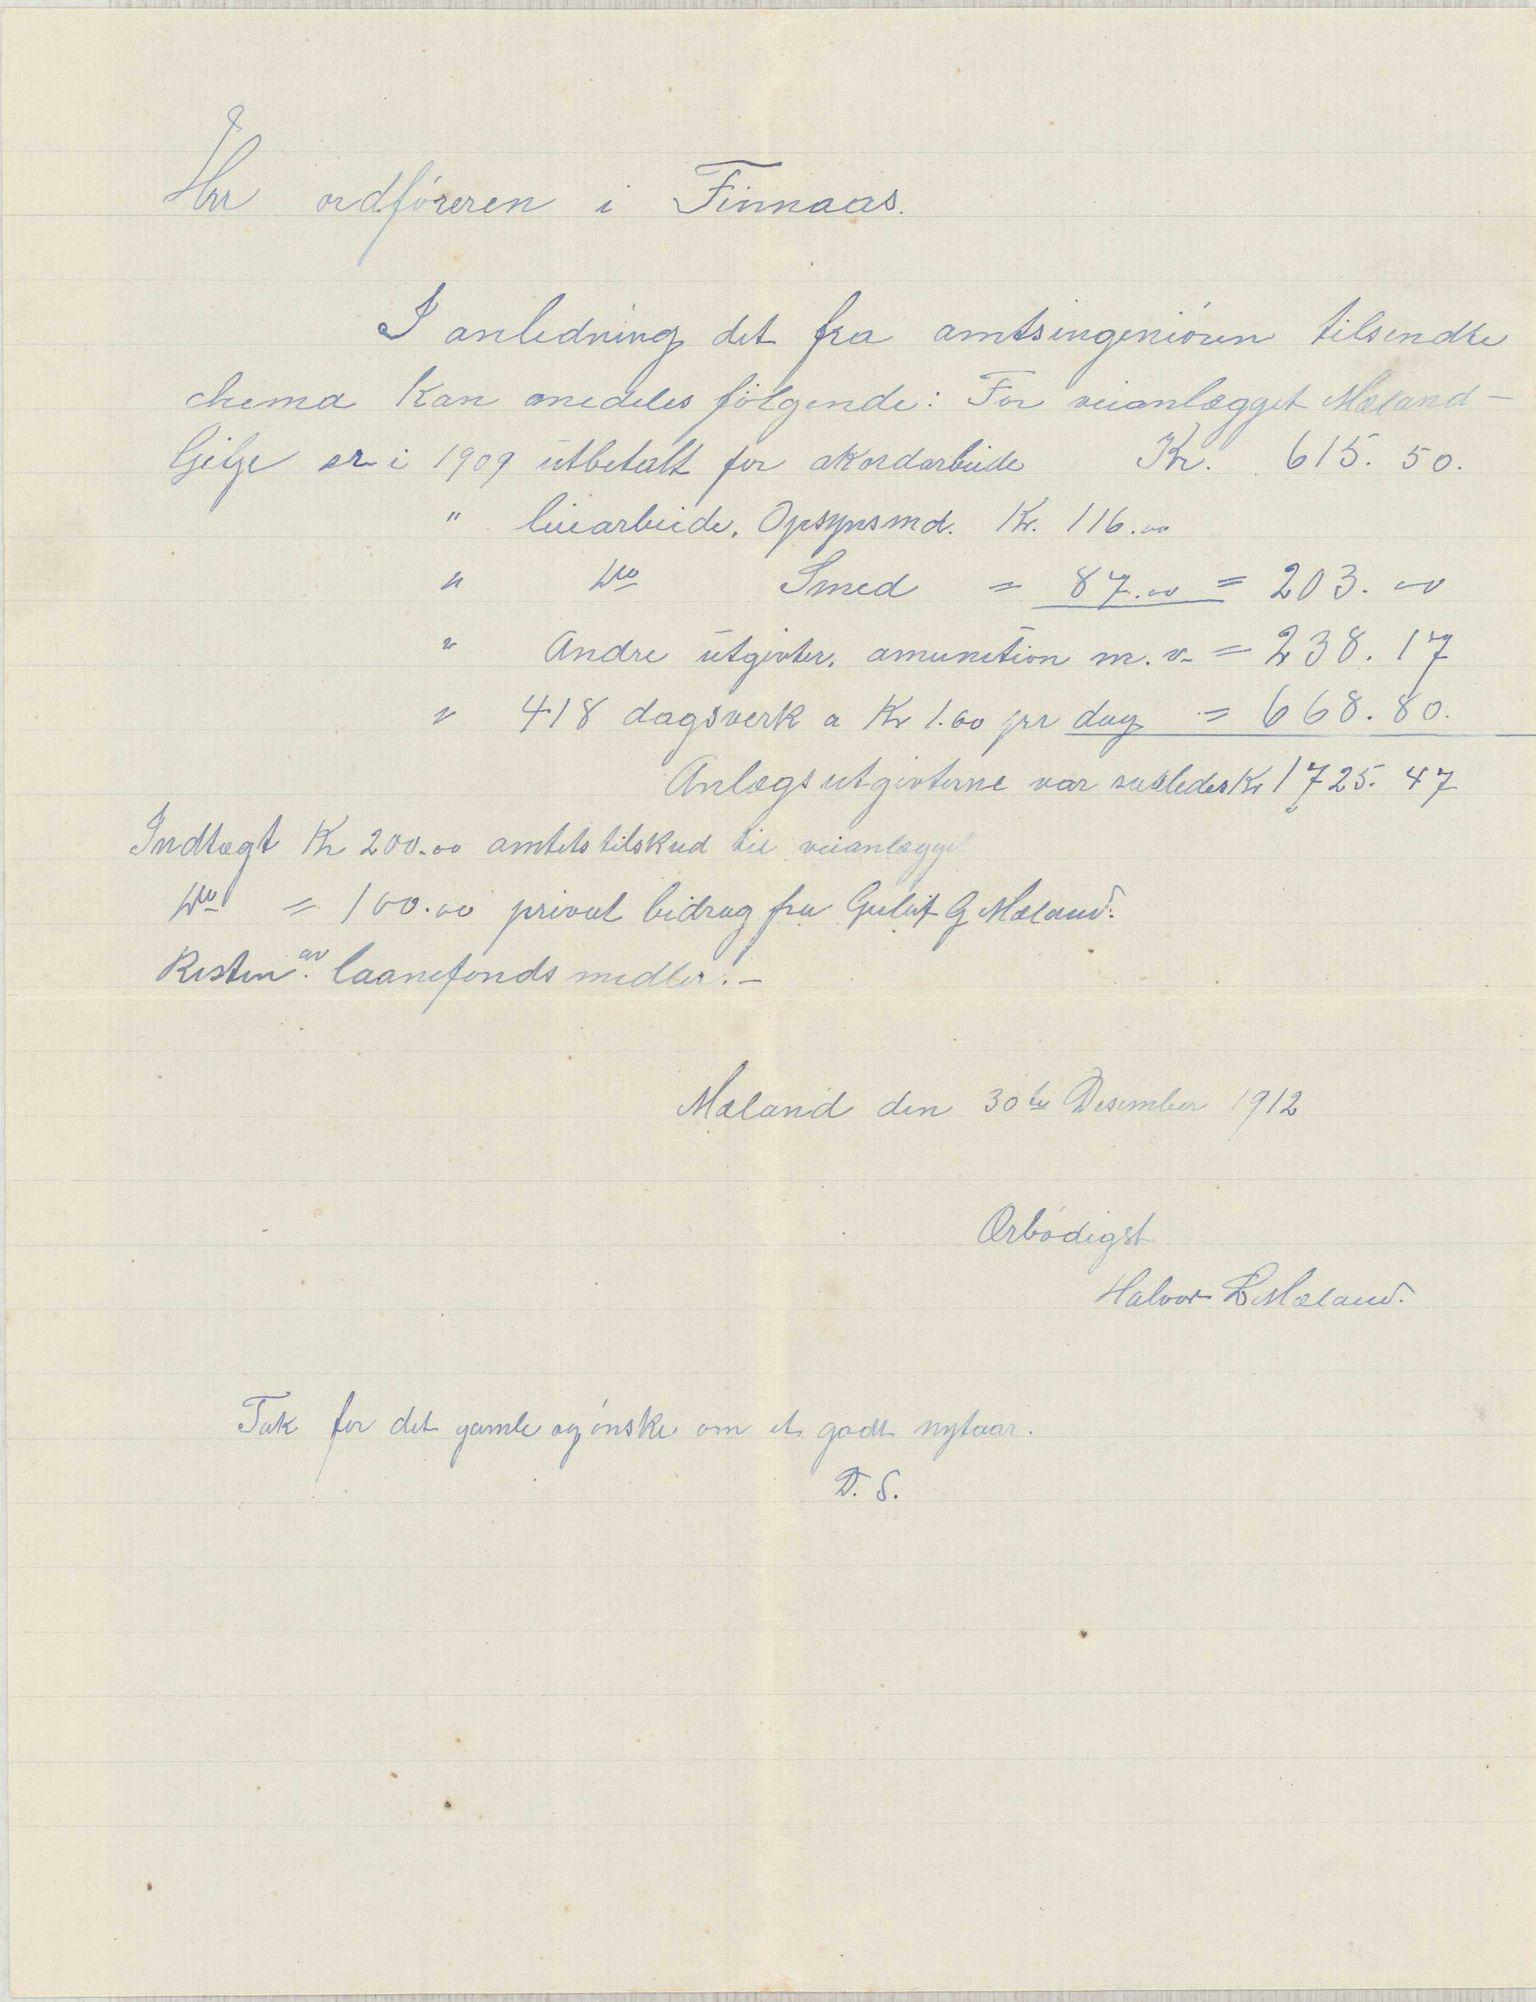 IKAH, Finnaas kommune. Formannskapet, E/Ea/L0001: Rekneskap for veganlegg, 1907-1910, s. 50